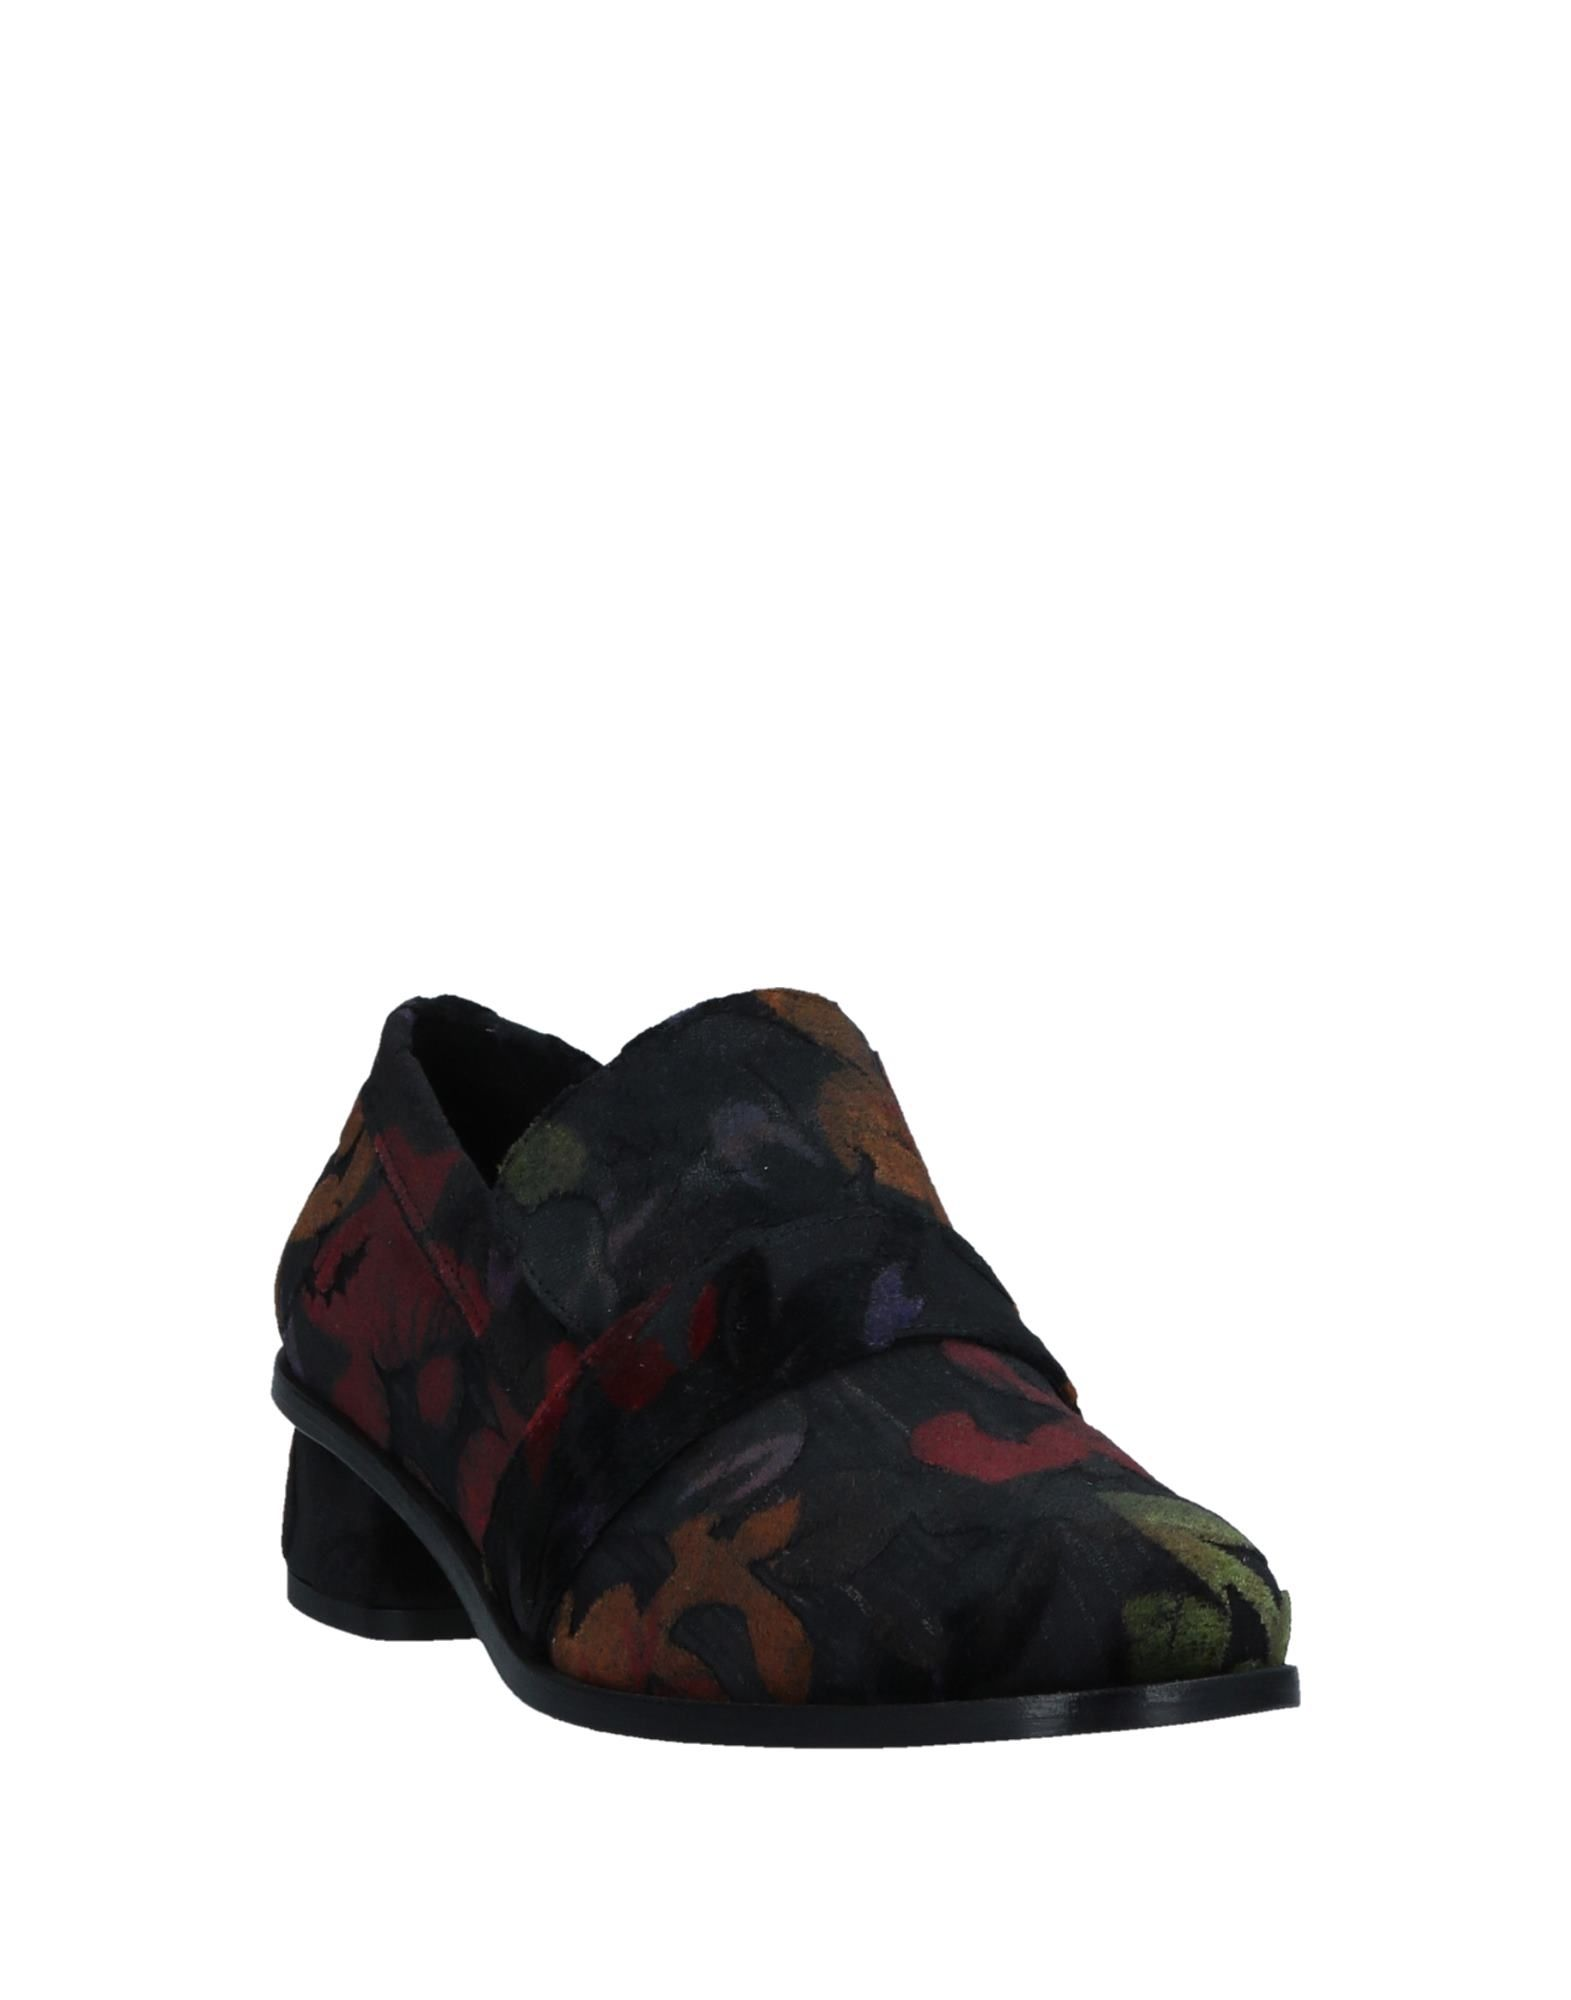 Baltarini Mokassins Damen  11533749IT Schuhe Gute Qualität beliebte Schuhe 11533749IT cdc65b